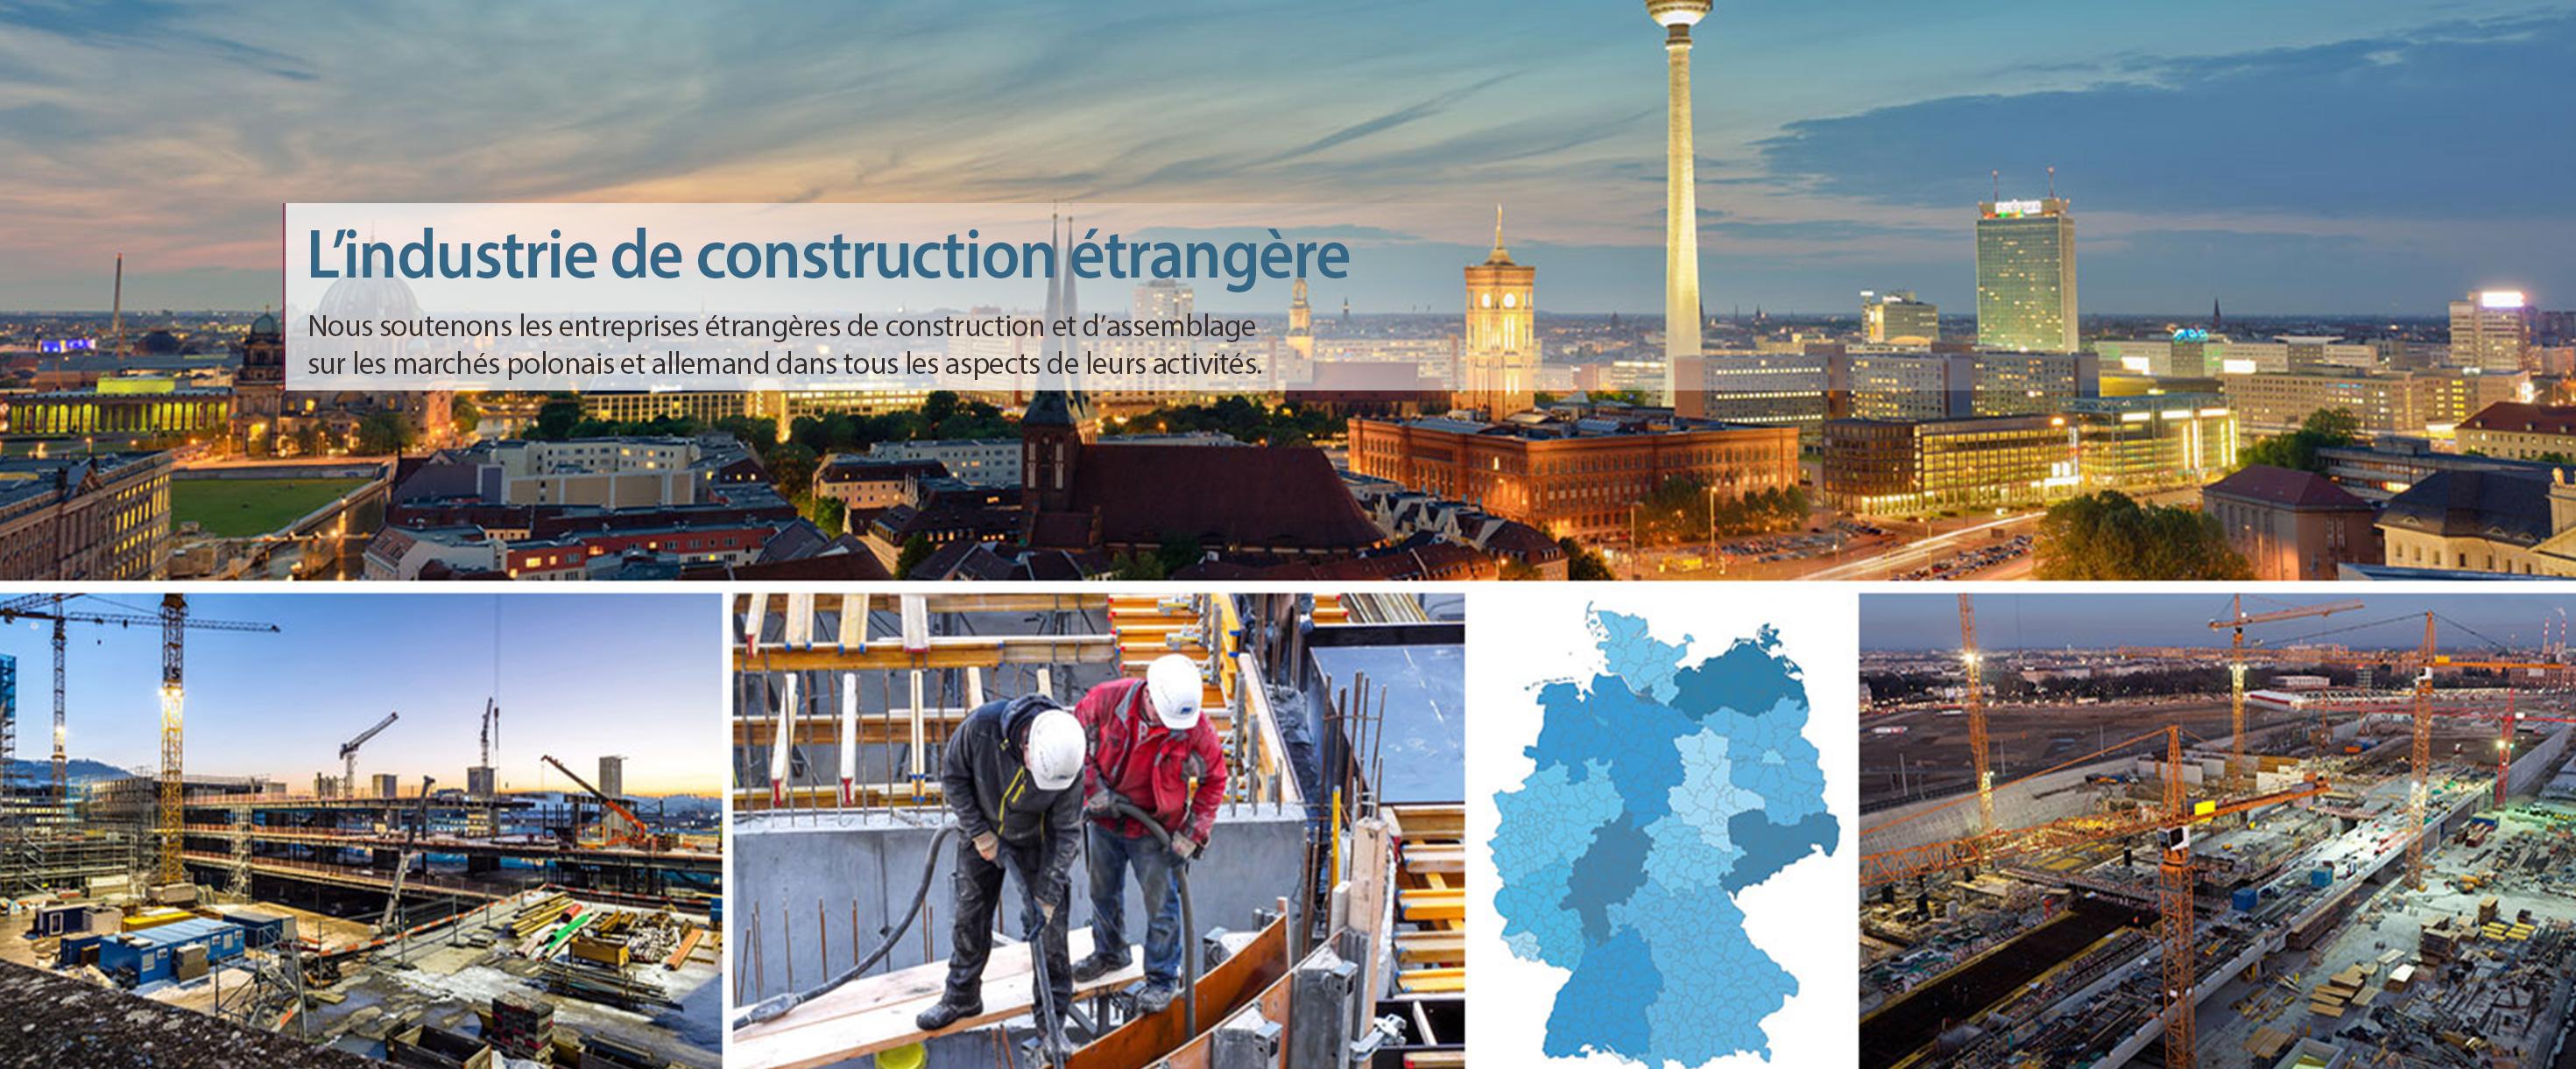 L'industrie de construction étrangère